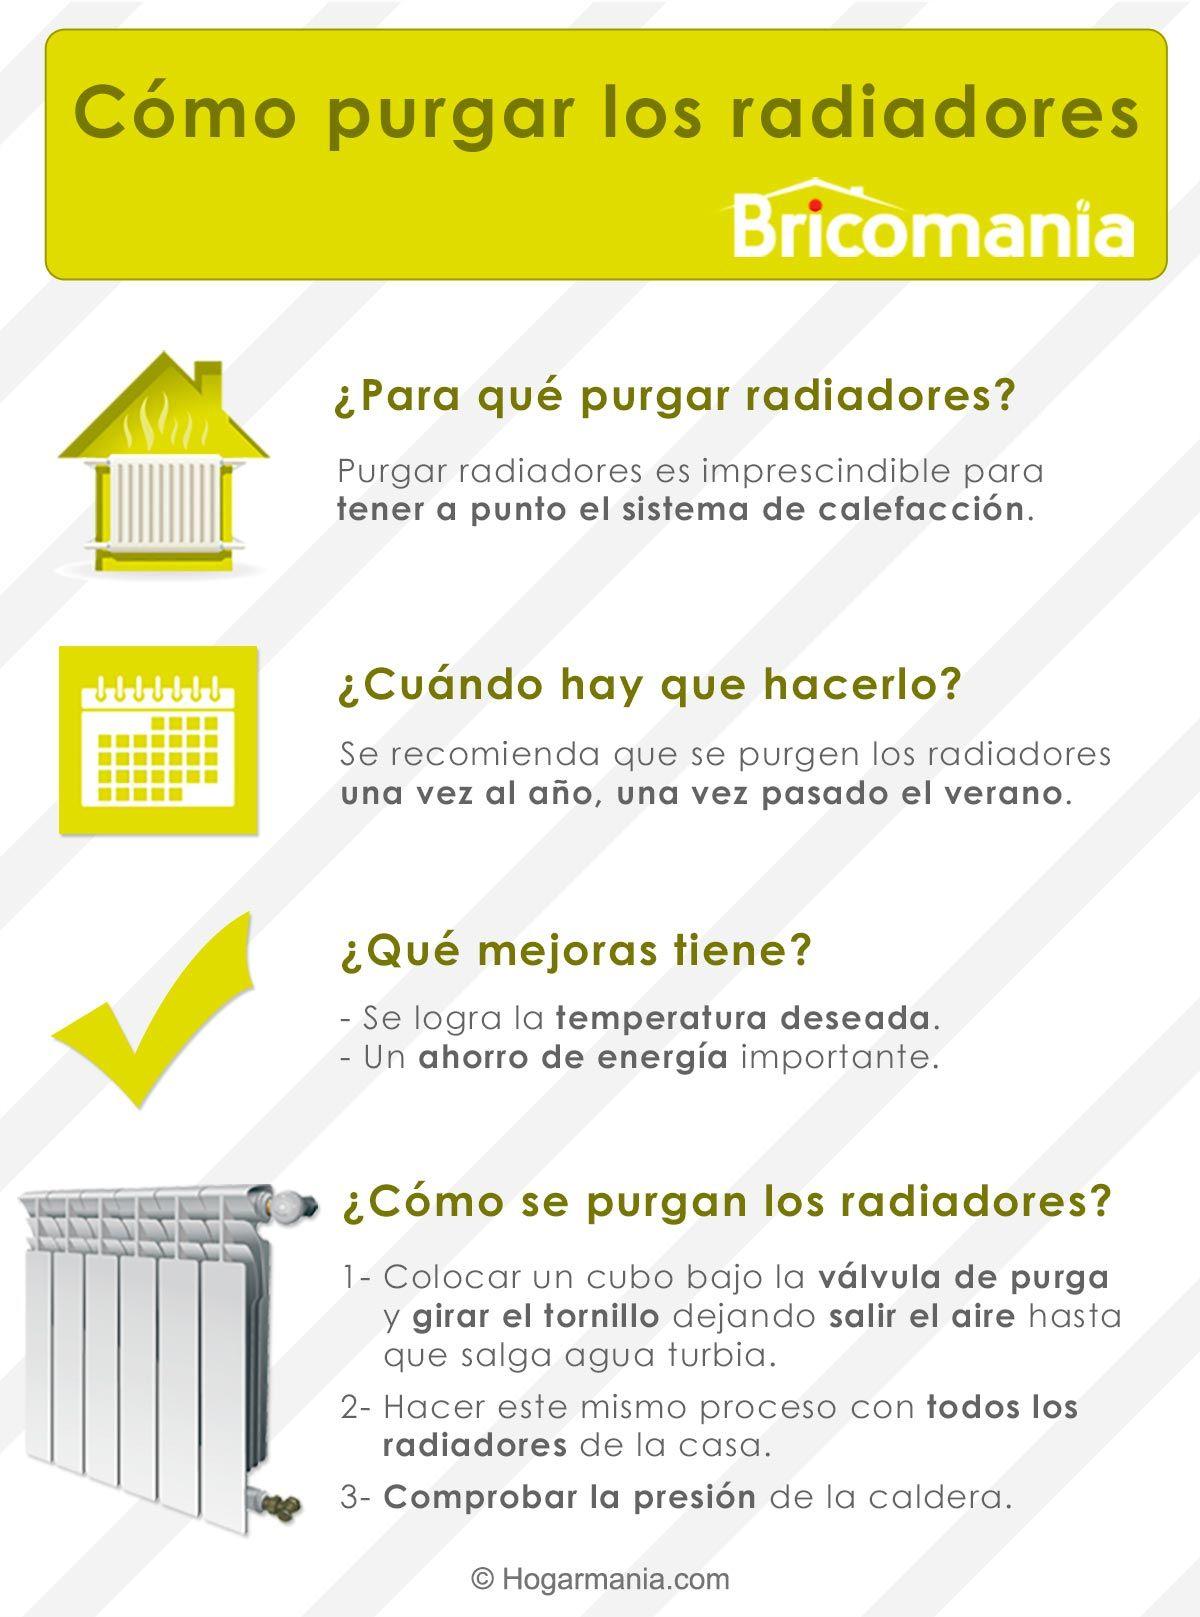 Infographie comment purger les radiateurs